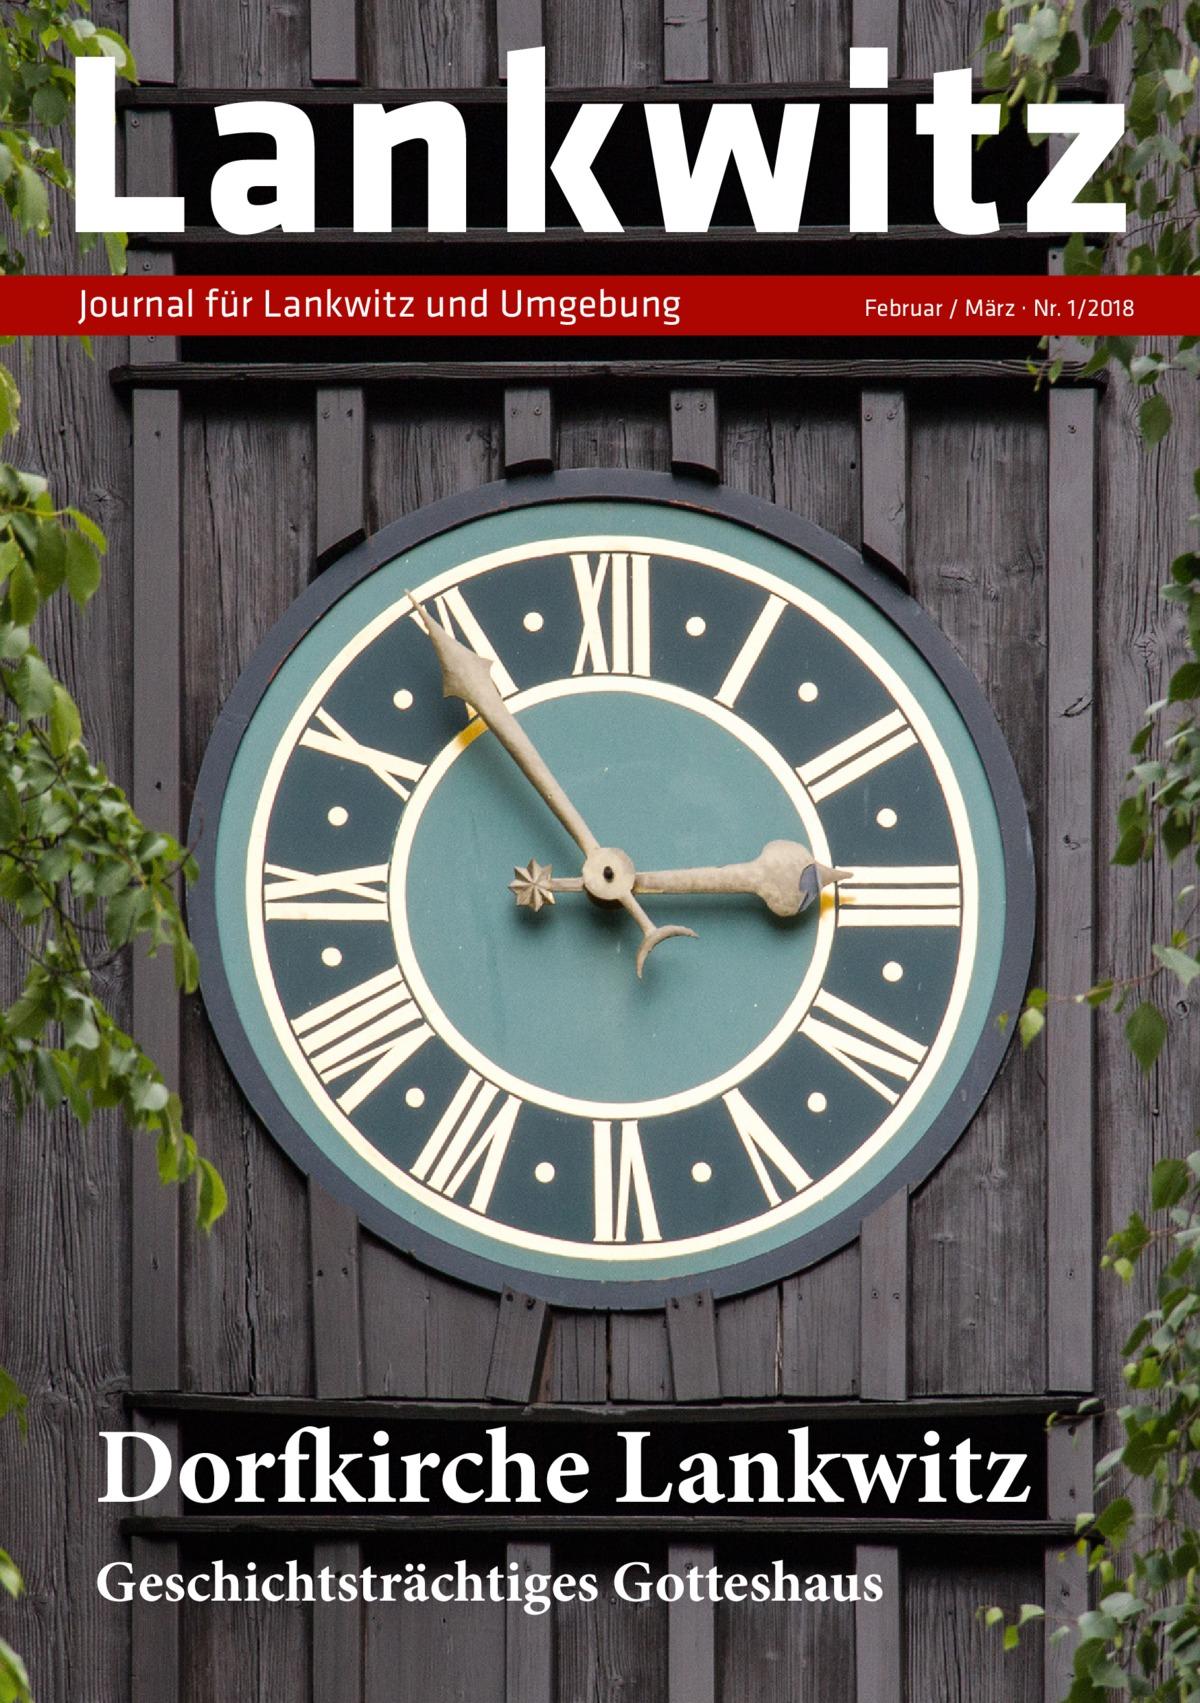 Lankwitz Journal für Lankwitz und Umgebung  Februar / März · Nr. 1/2018  Dorfkirche Lankwitz Geschichtsträchtiges Gotteshaus